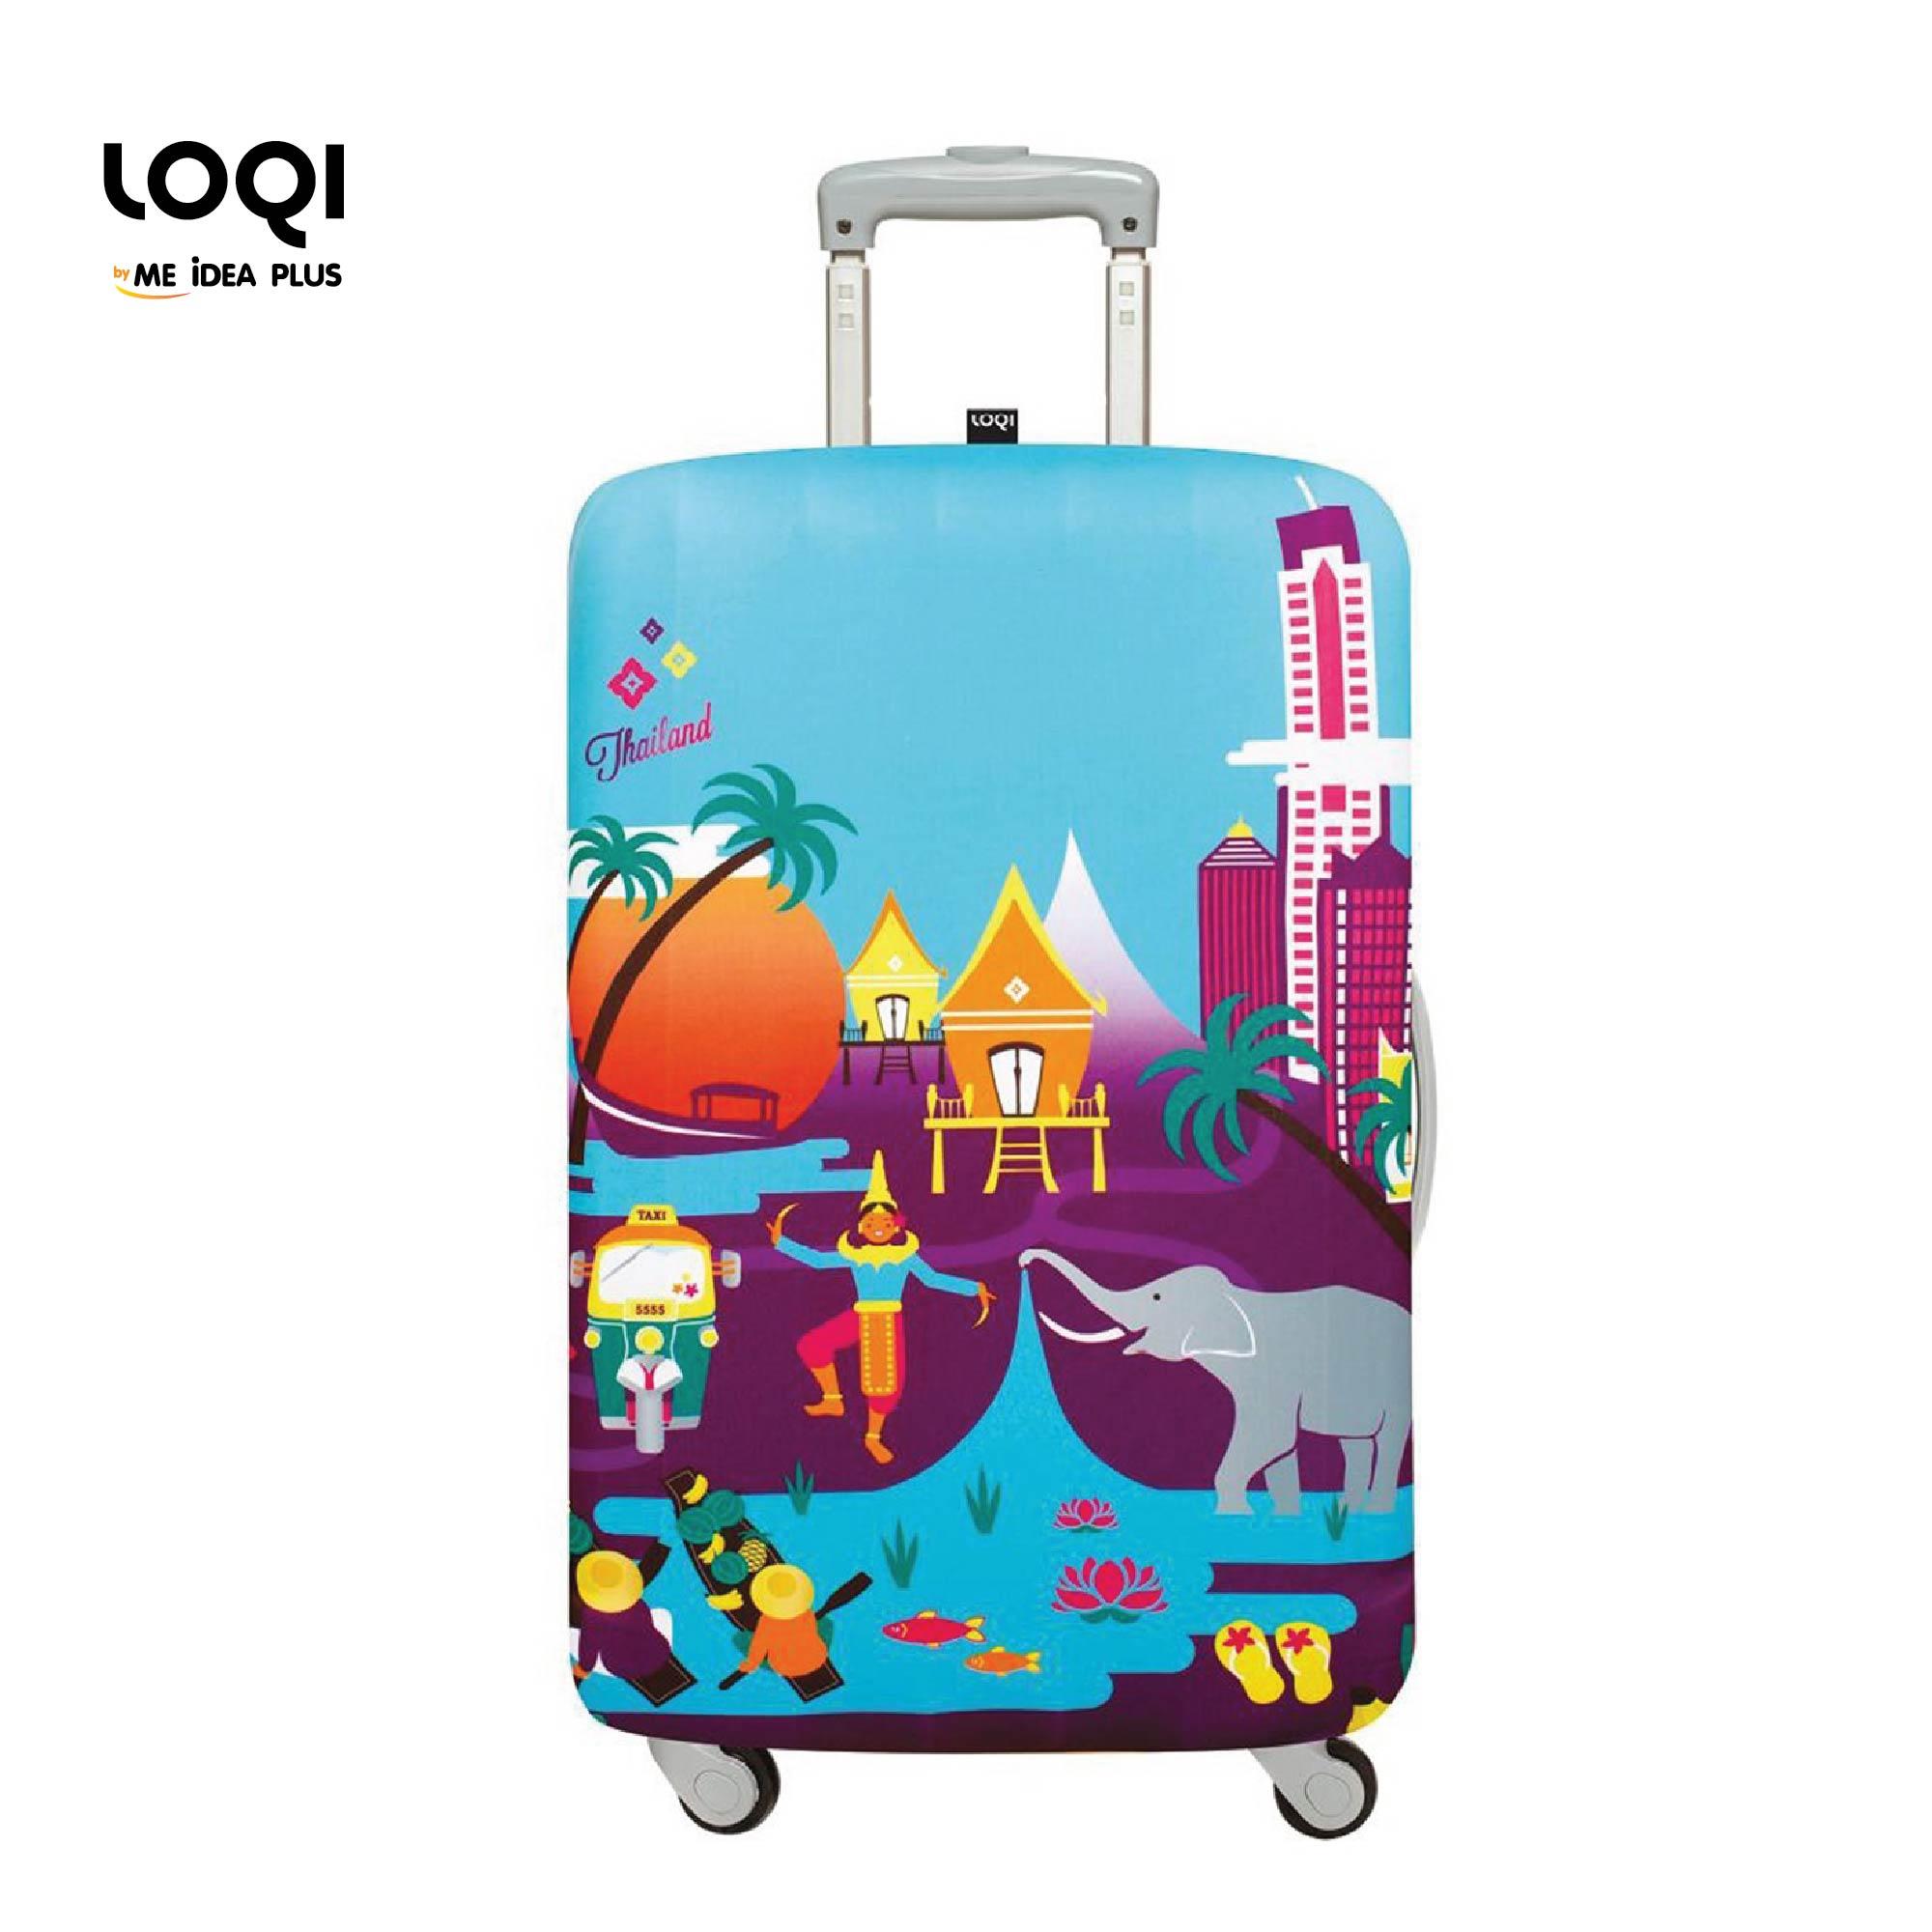 ผ้าคลุมกระเป๋าเดินทางLOQI ลาย Urban Thailand